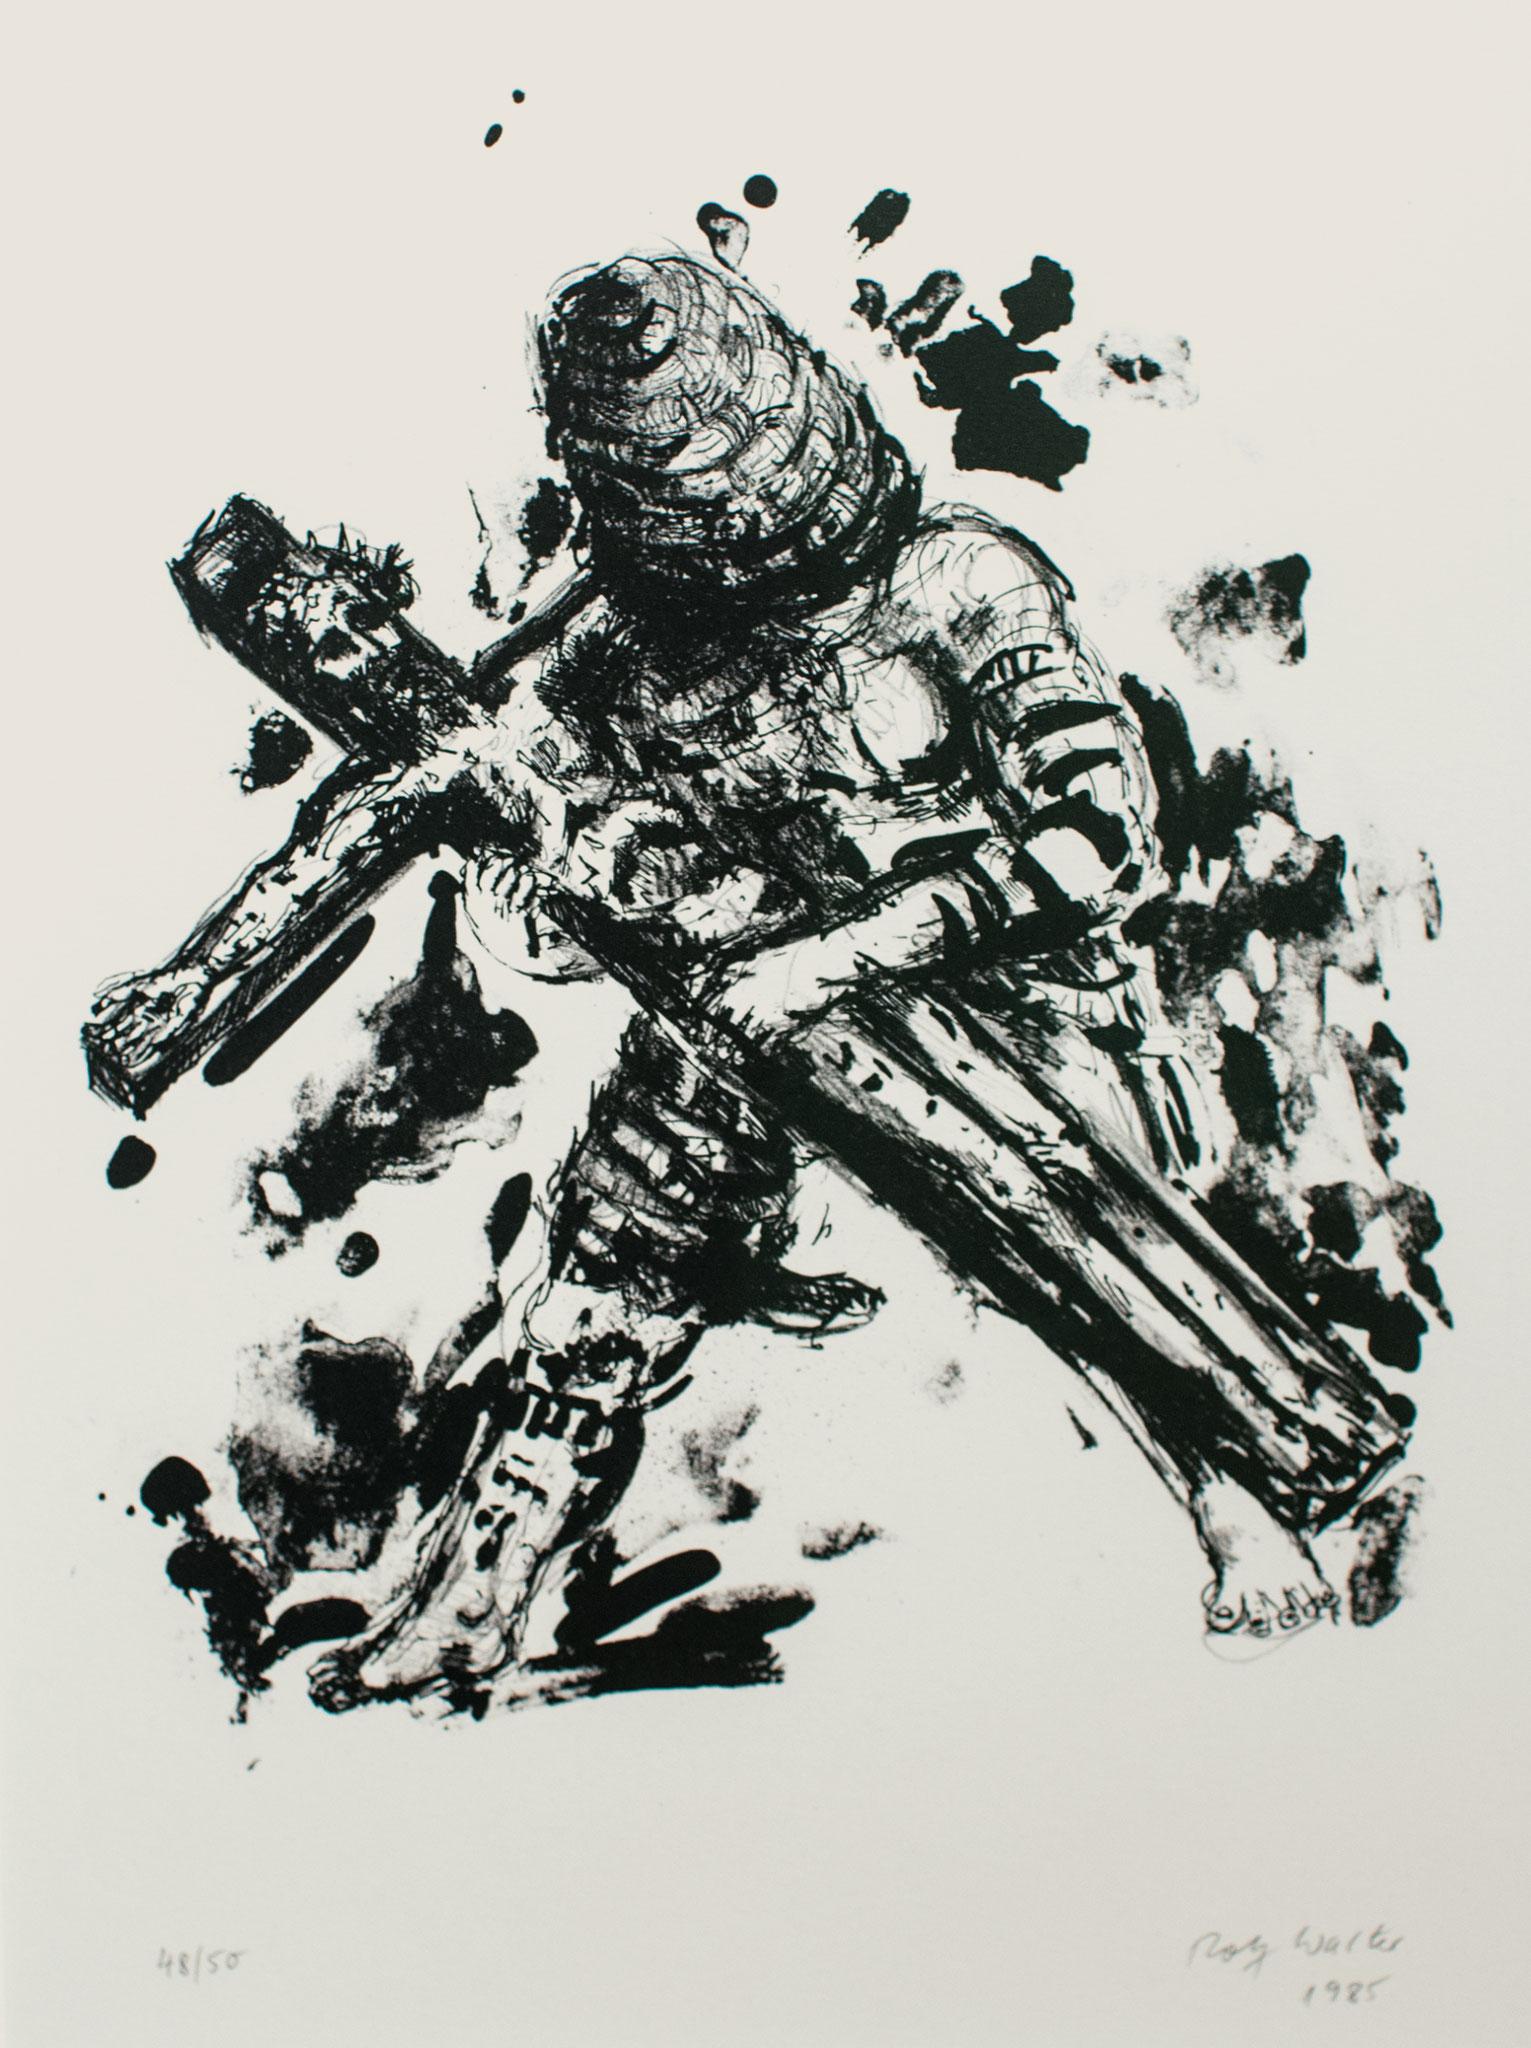 Der Aufruf; 1985, Lithographie, 41cm x 32cm